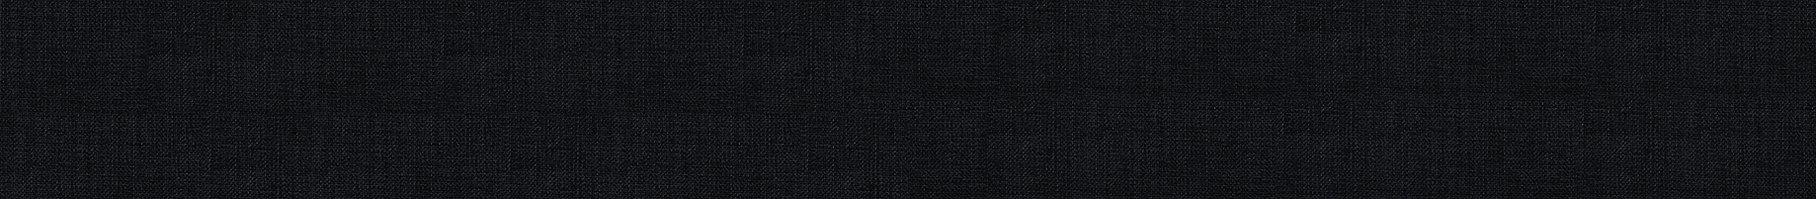 Black Linen.jpg